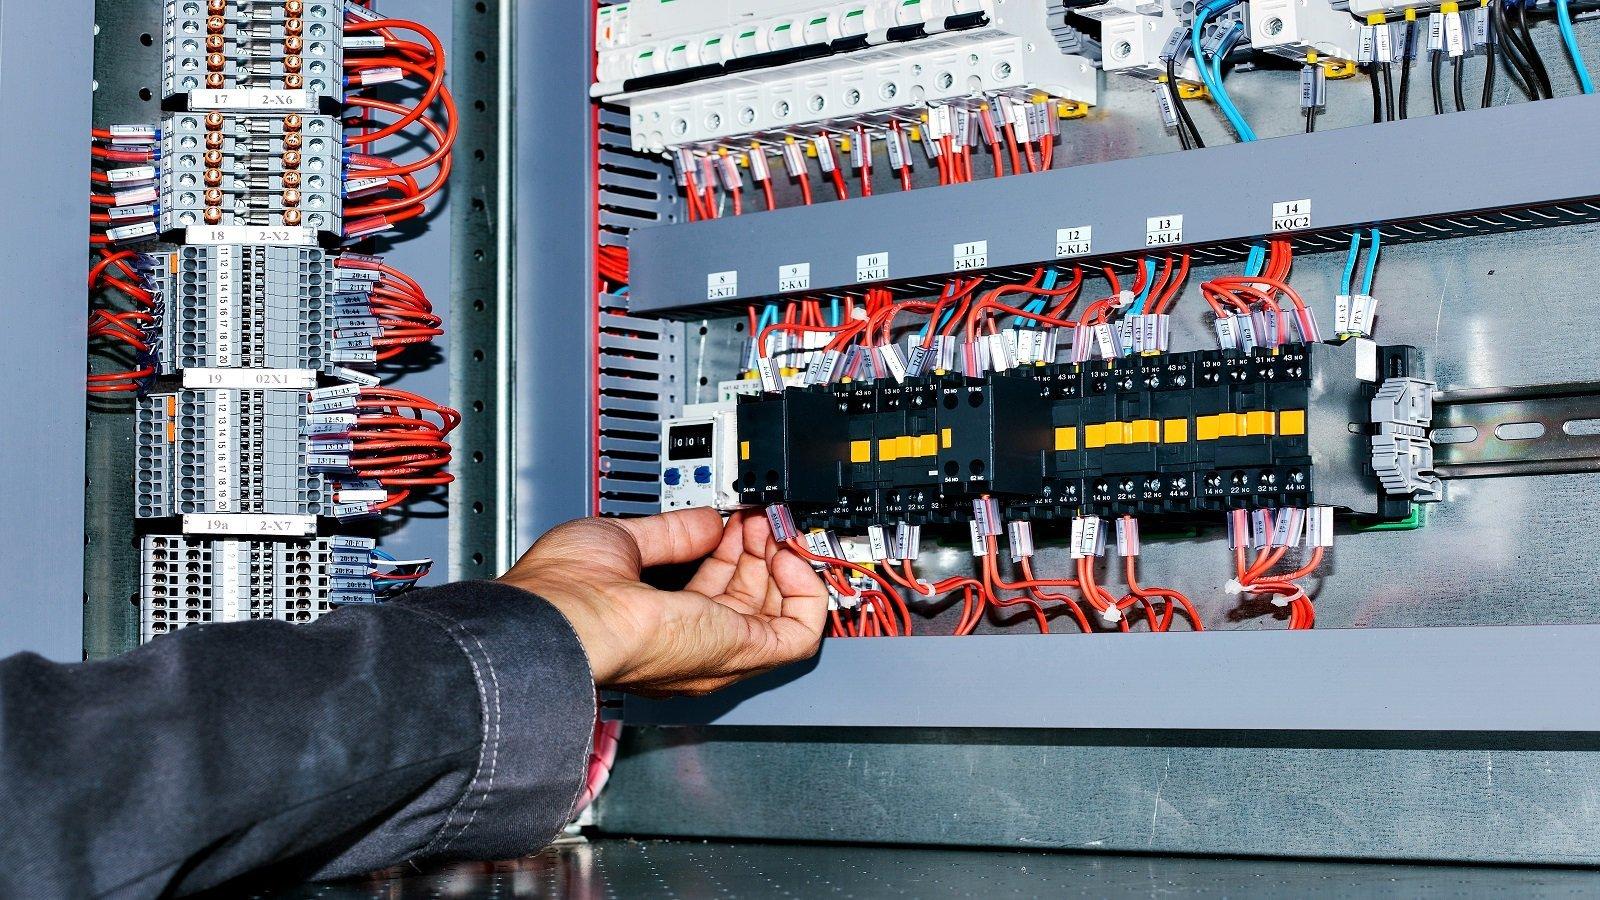 batterie di resistenze elettriche